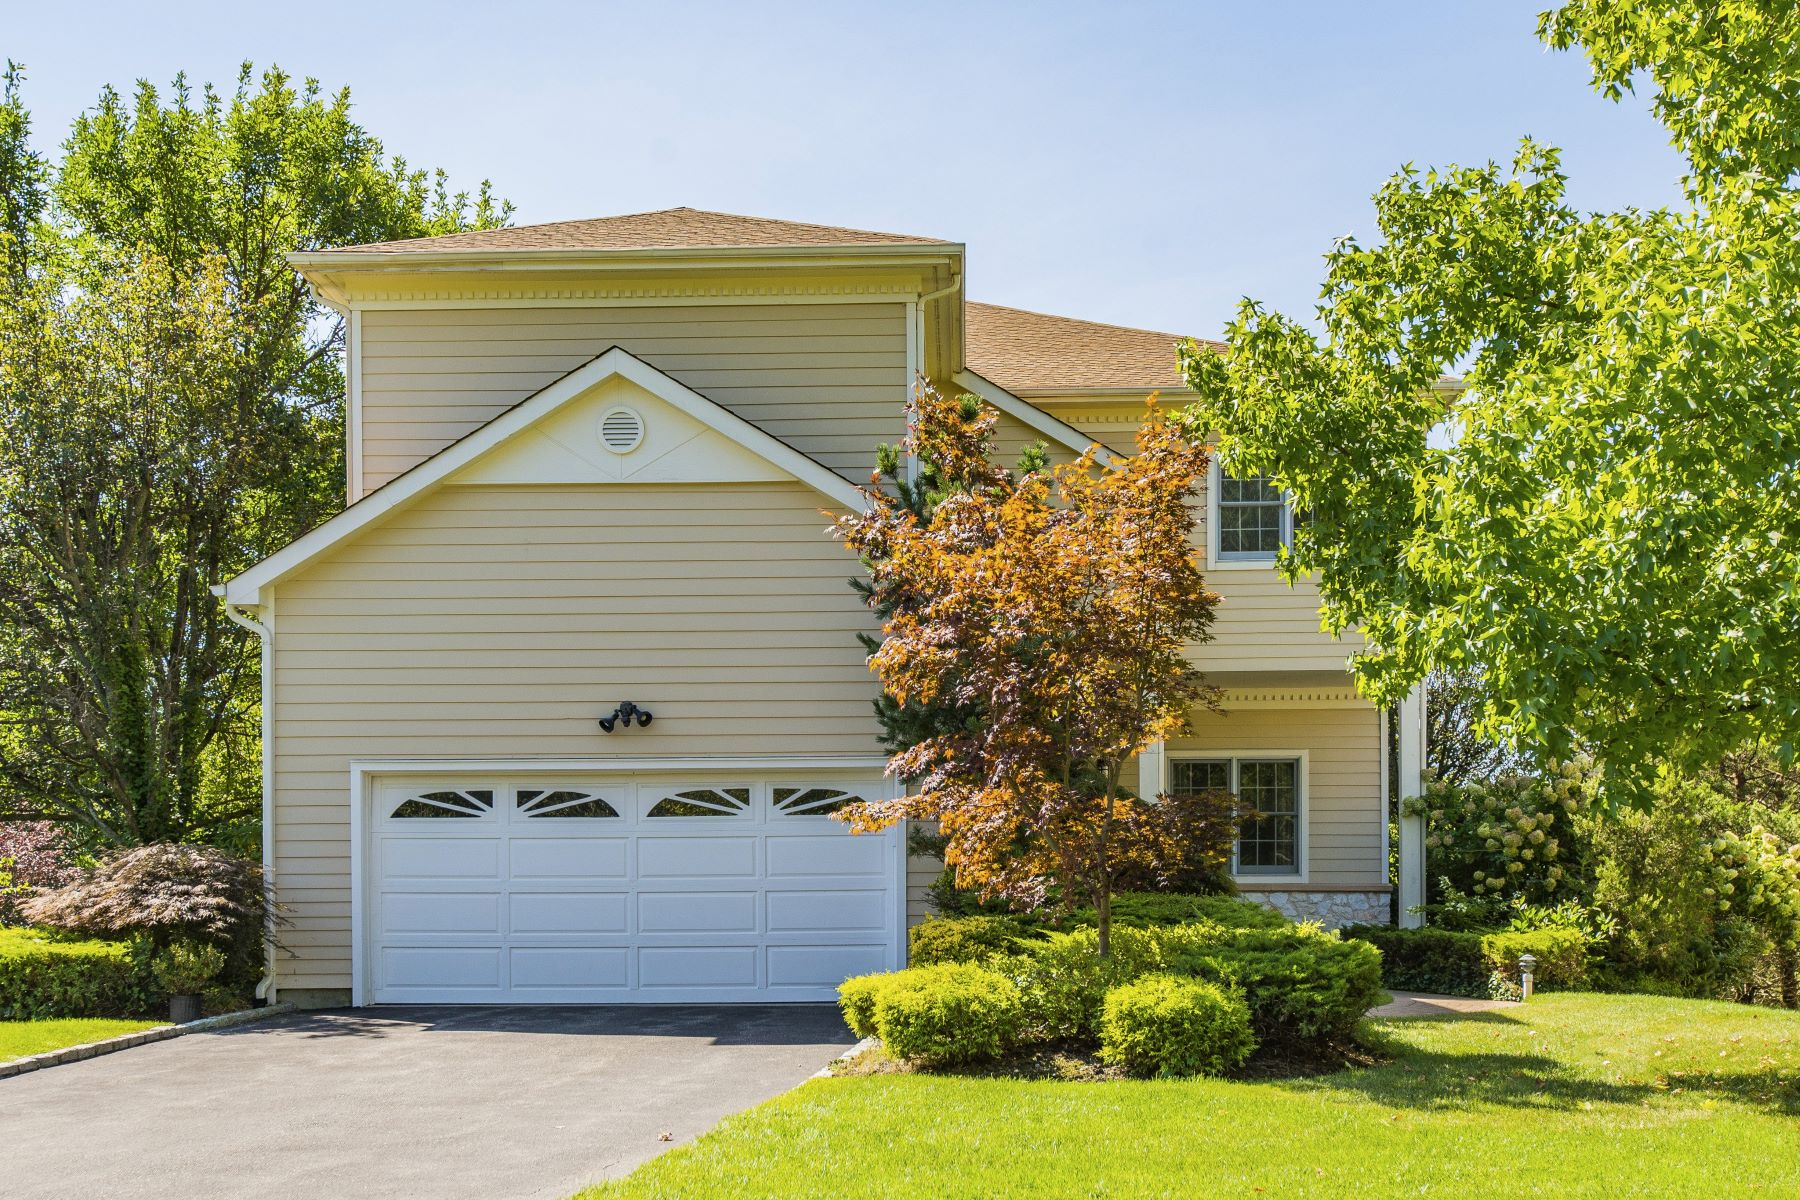 Частный односемейный дом для того Продажа на 469 Greenbriar Ct , Roslyn, NY 11576 469 Greenbriar Ct Roslyn, Нью-Йорк 11576 Соединенные Штаты